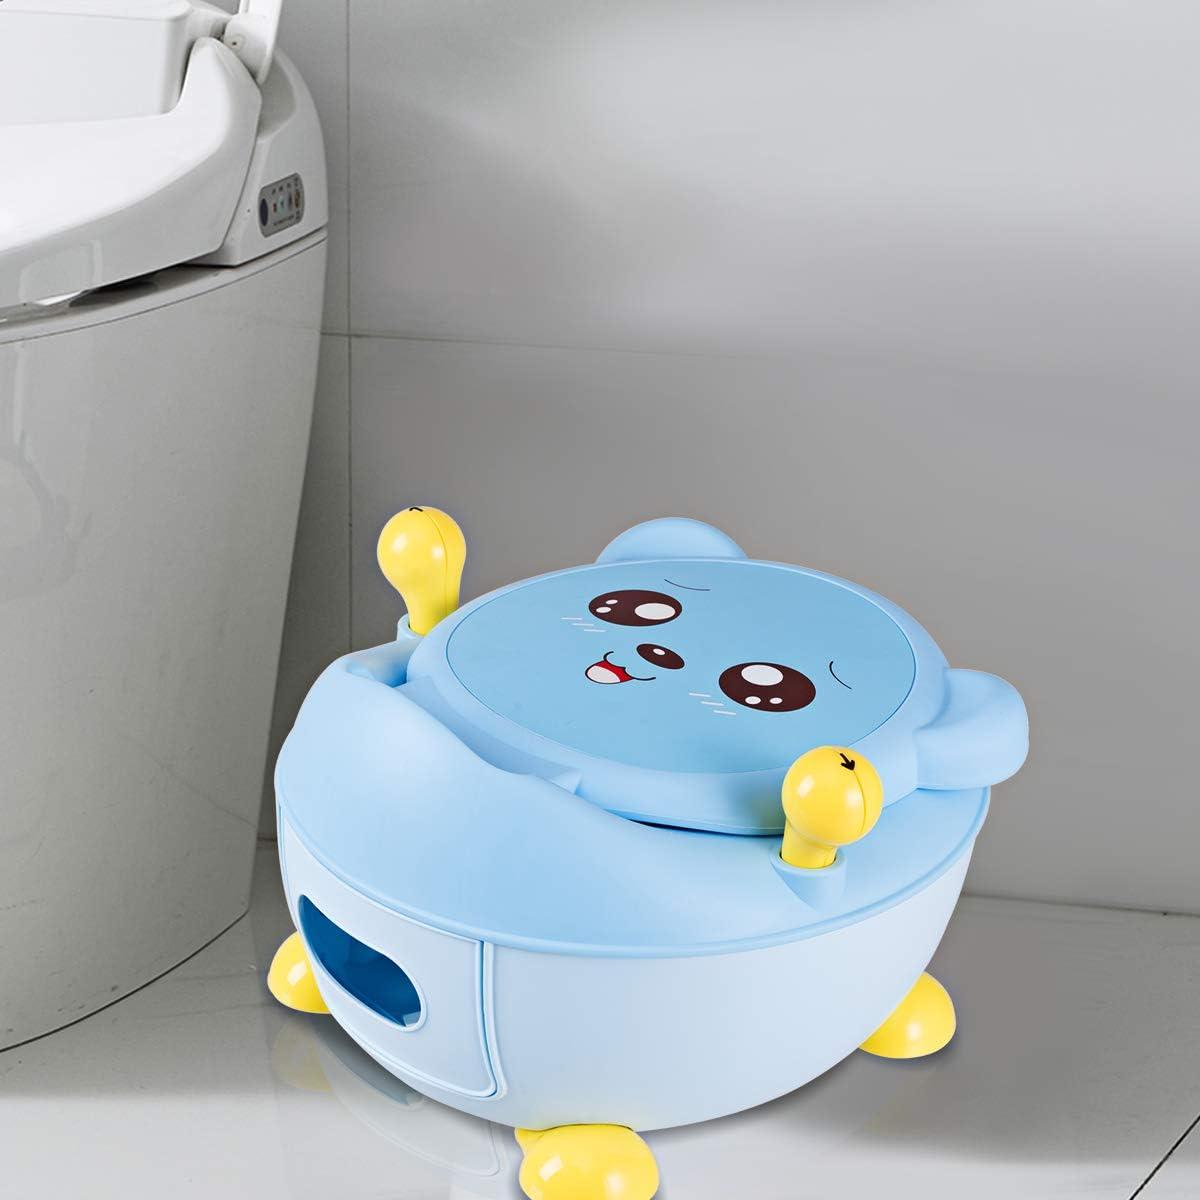 Rose DREAMADE Toilette Pot Enfants Pot dApprentissage B/éB/é Trainer Pot WC avec Motif Dessin Anim/é Dossier Haut Ergonomique 1,9 L Urinoir D/étachable Convient aux Enfants de 6 Mois /à 5 Ans